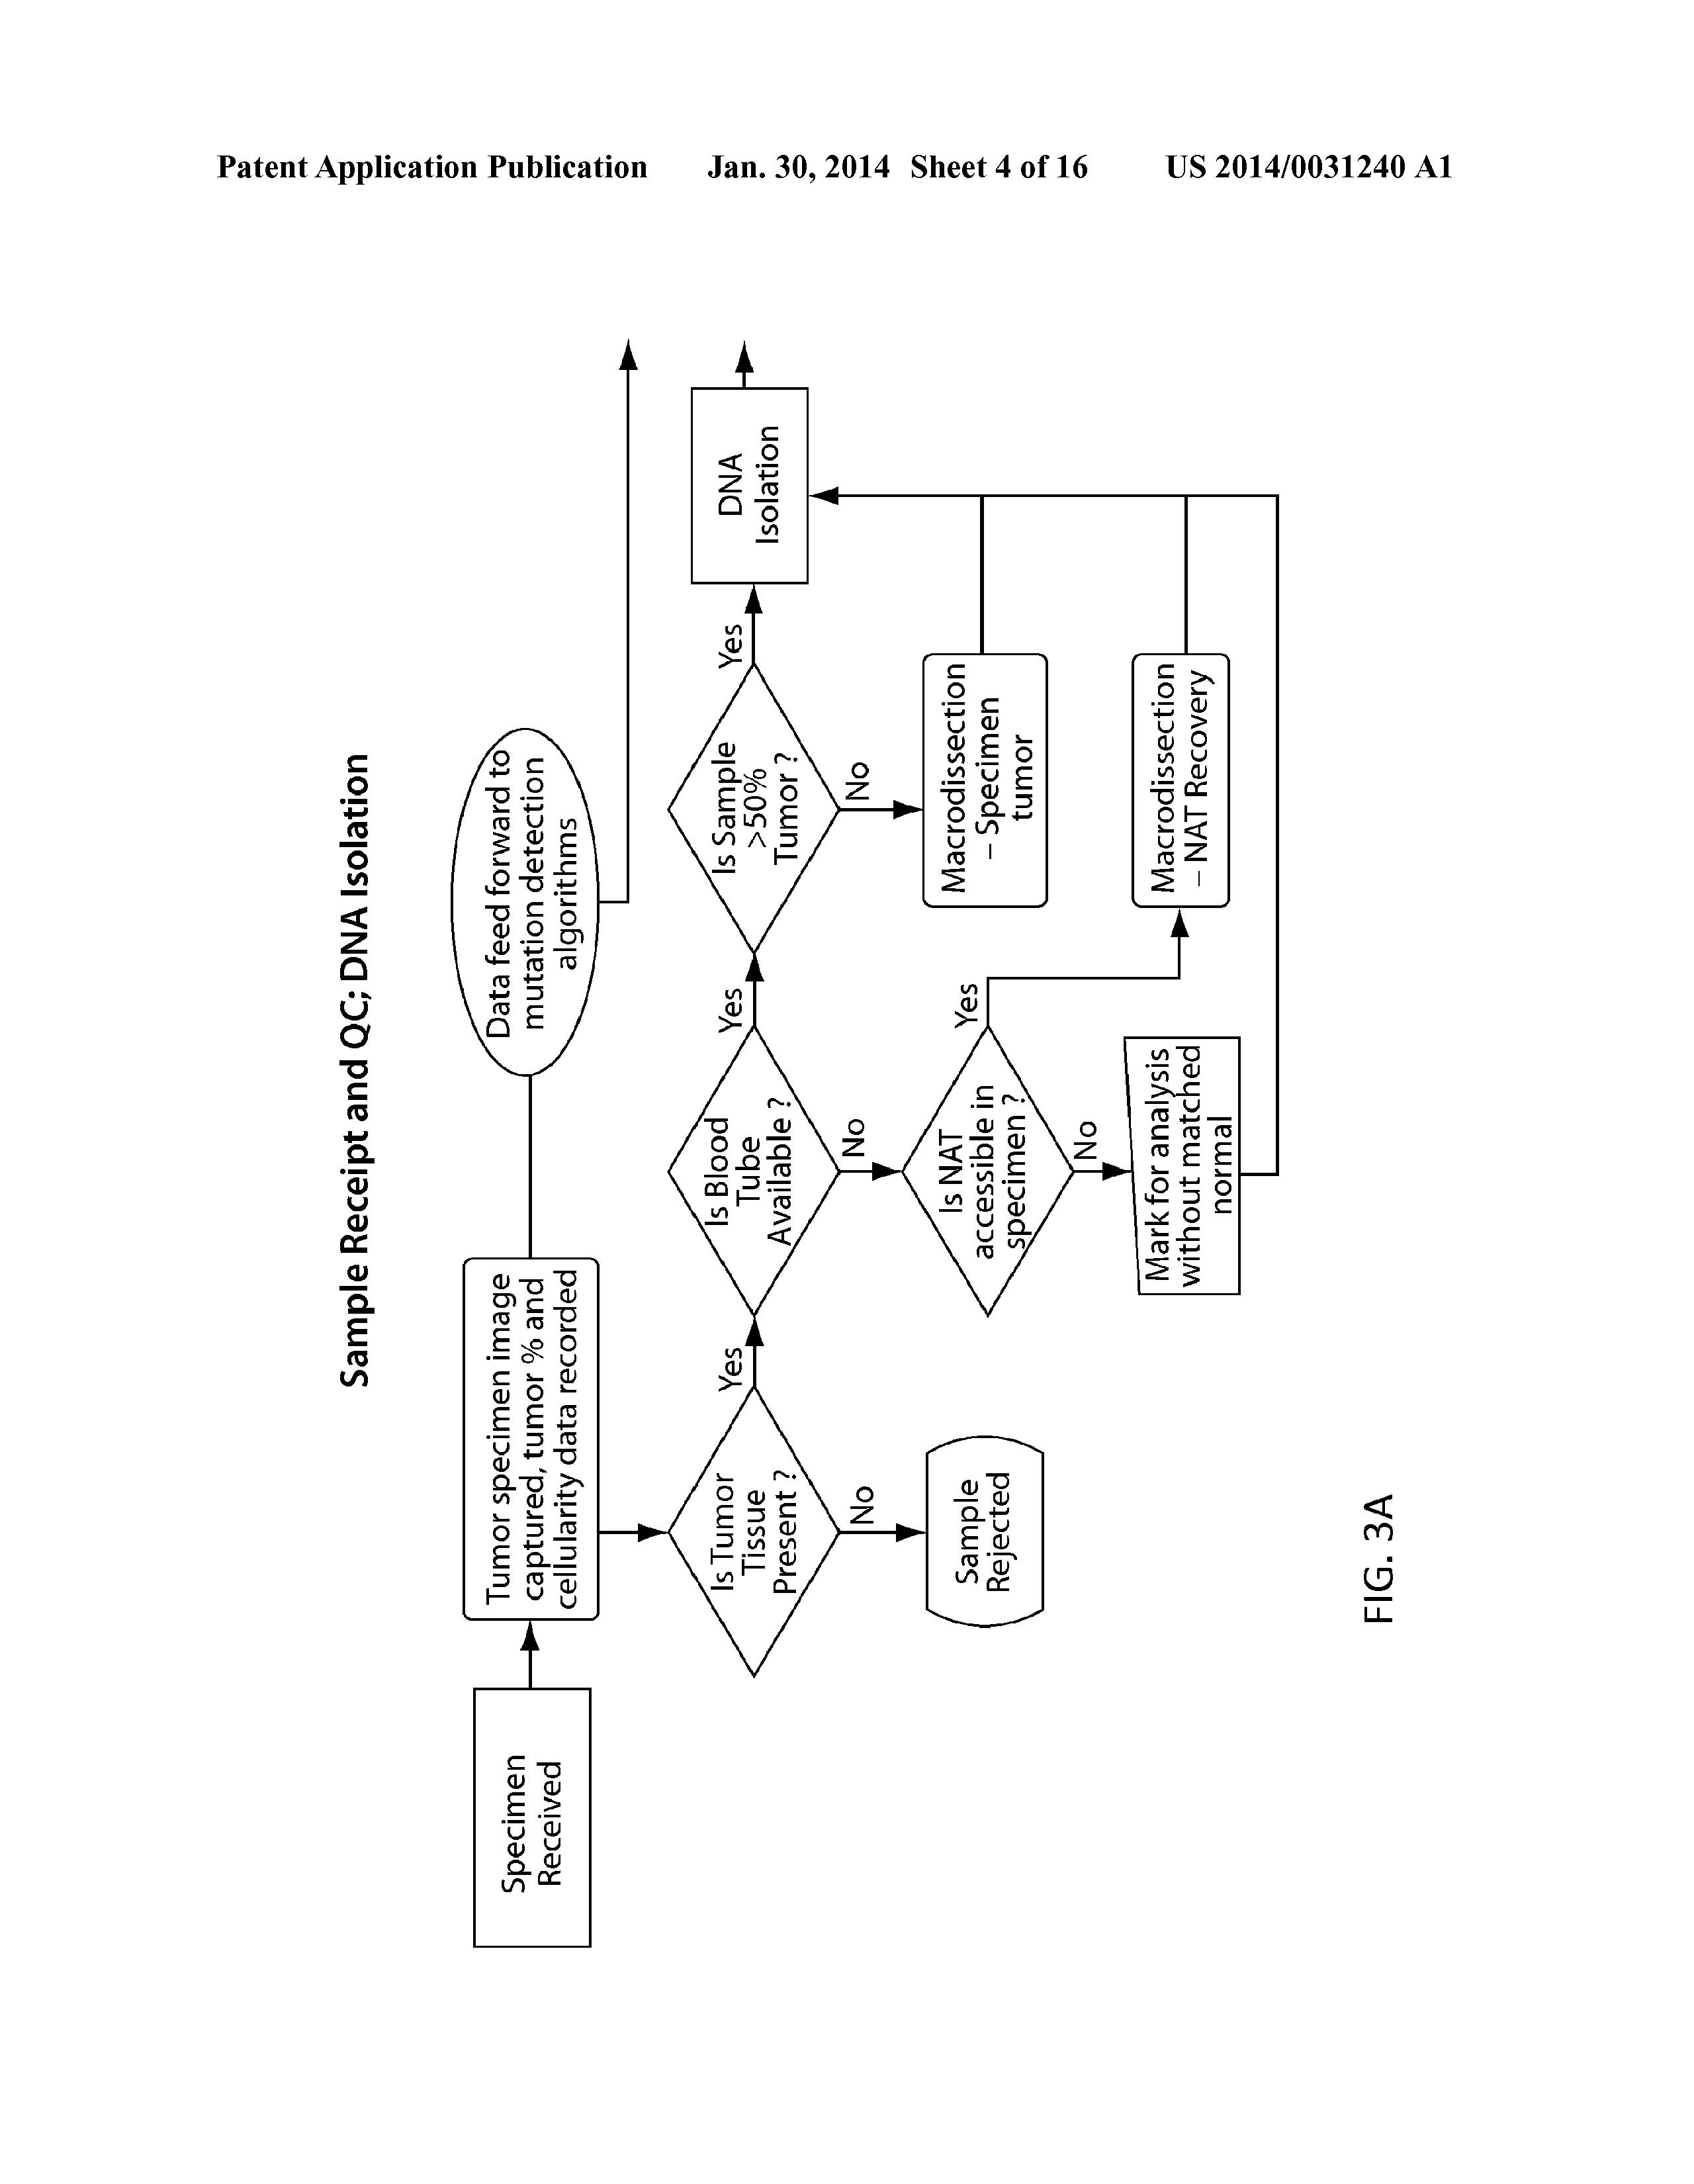 US 2014/0031240 A1 - Tm-enhanced Blocking Oligonucleotides